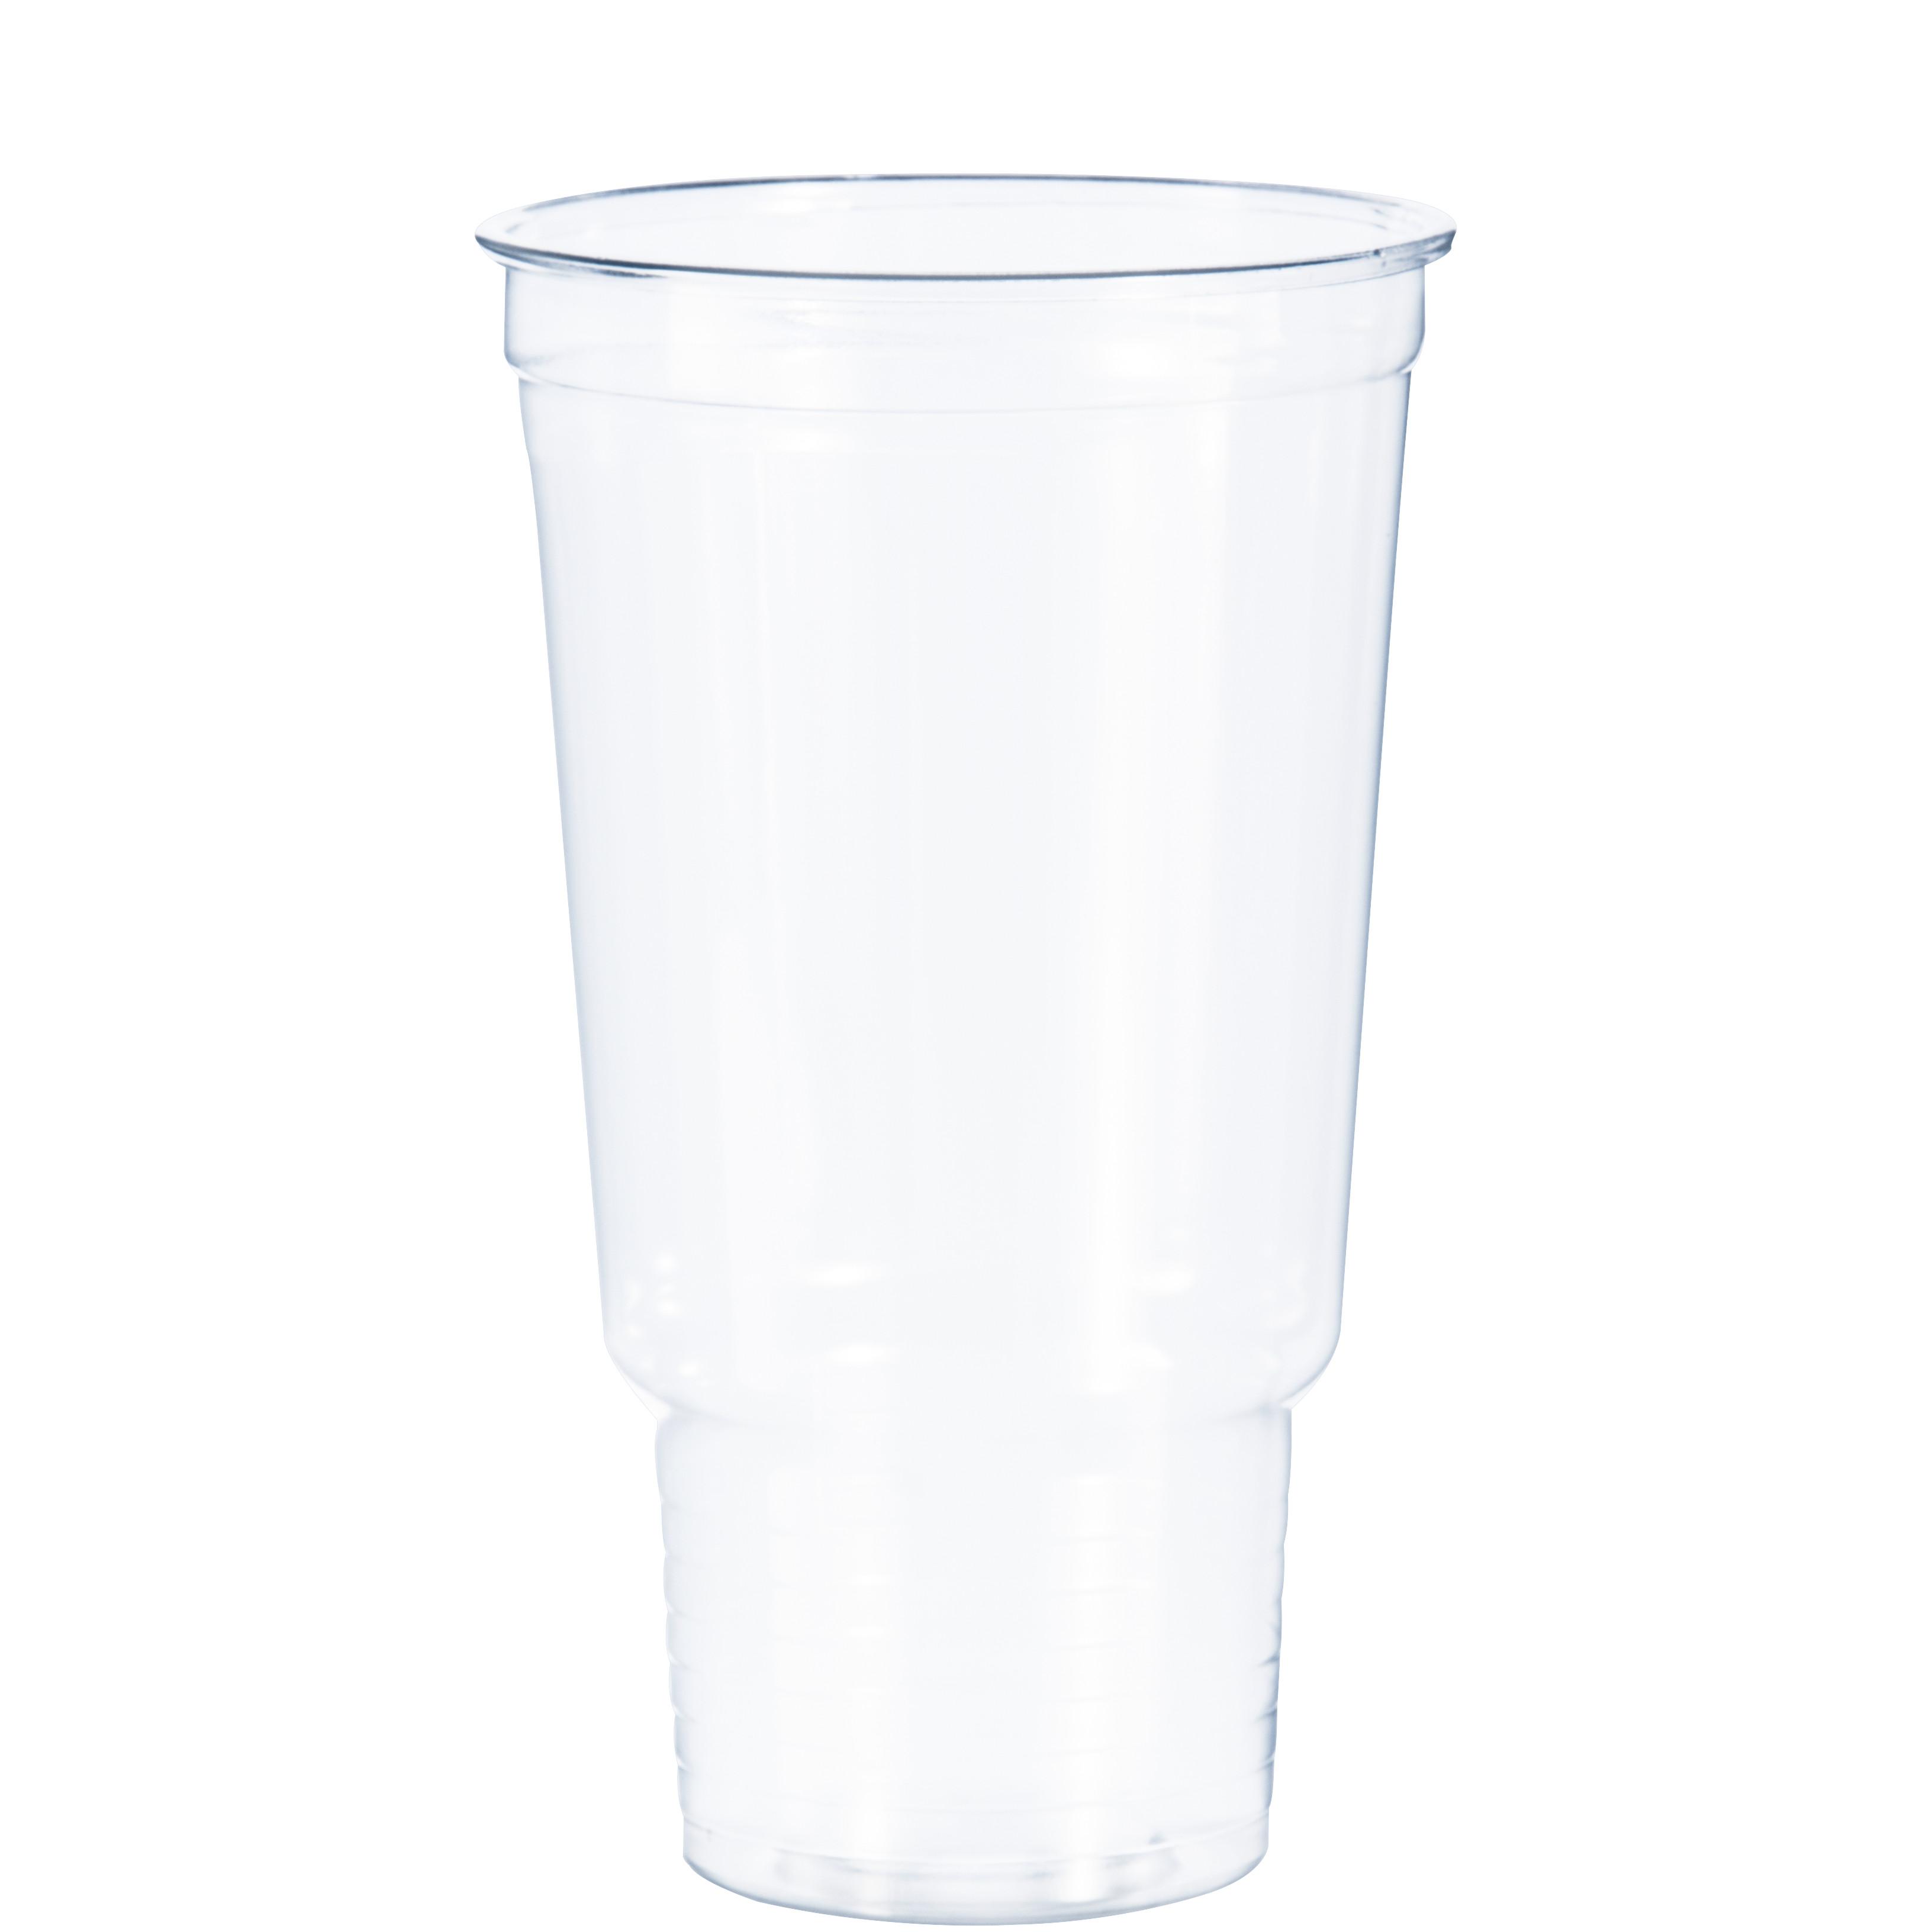 32 OZ PET PEDESTAL CUP